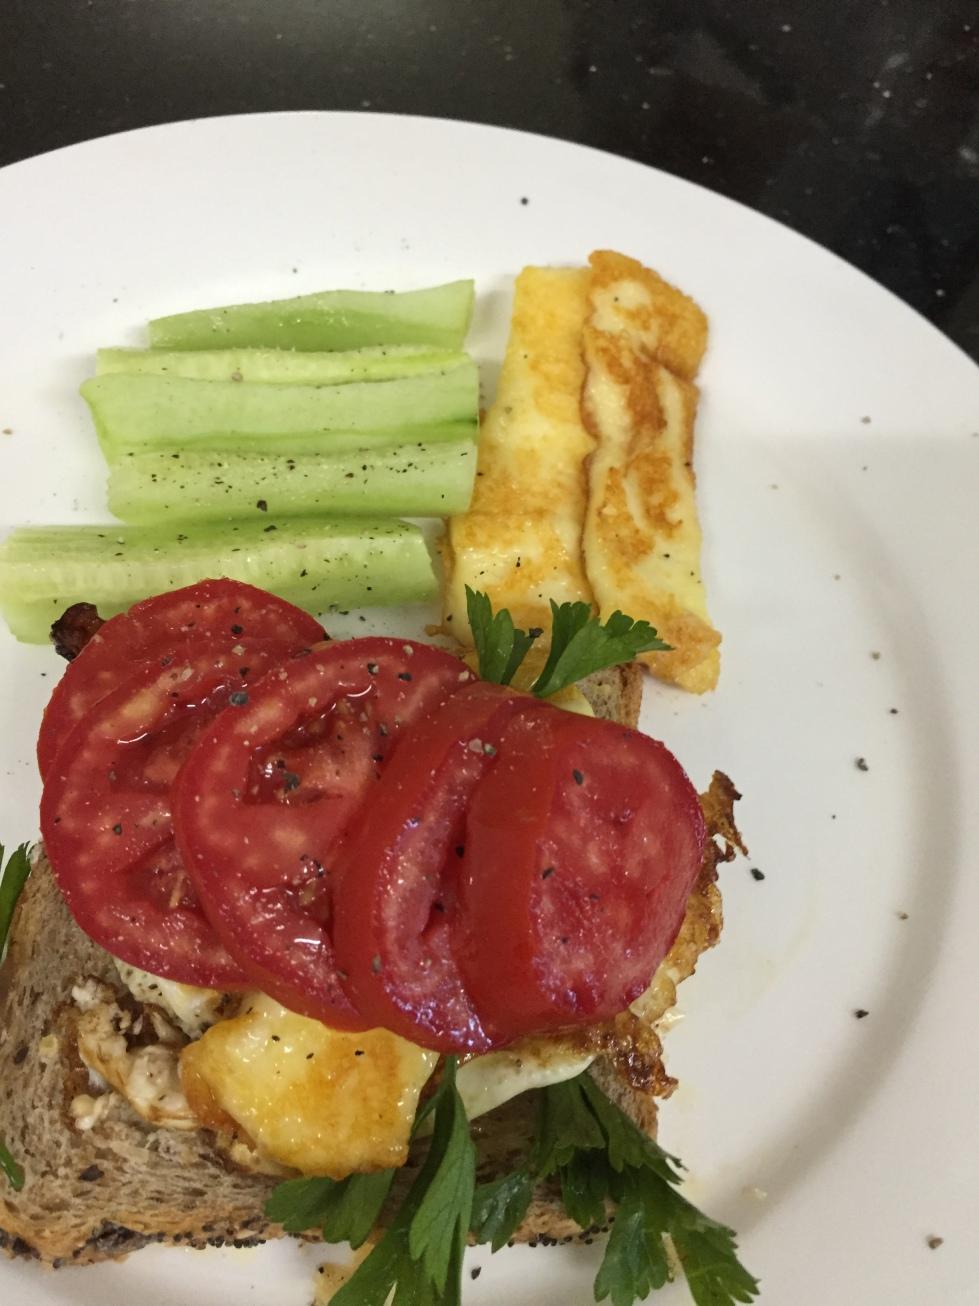 Tomato side up toast